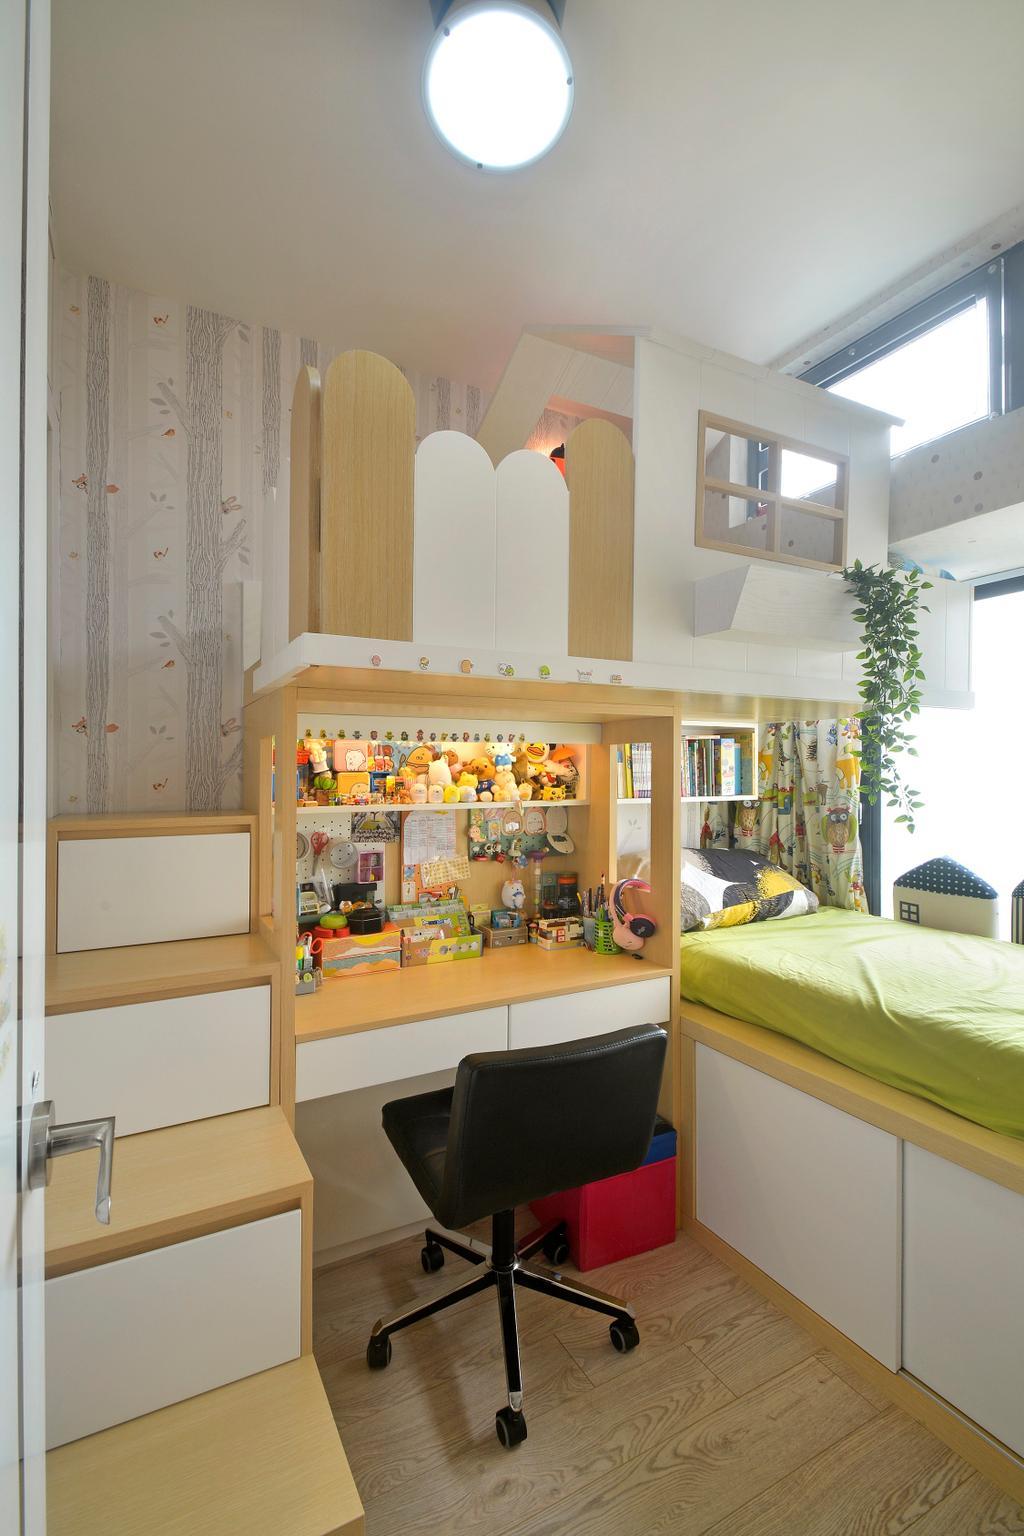 摩登, 私家樓, 睡房, 加惠台, 室內設計師, Space Design